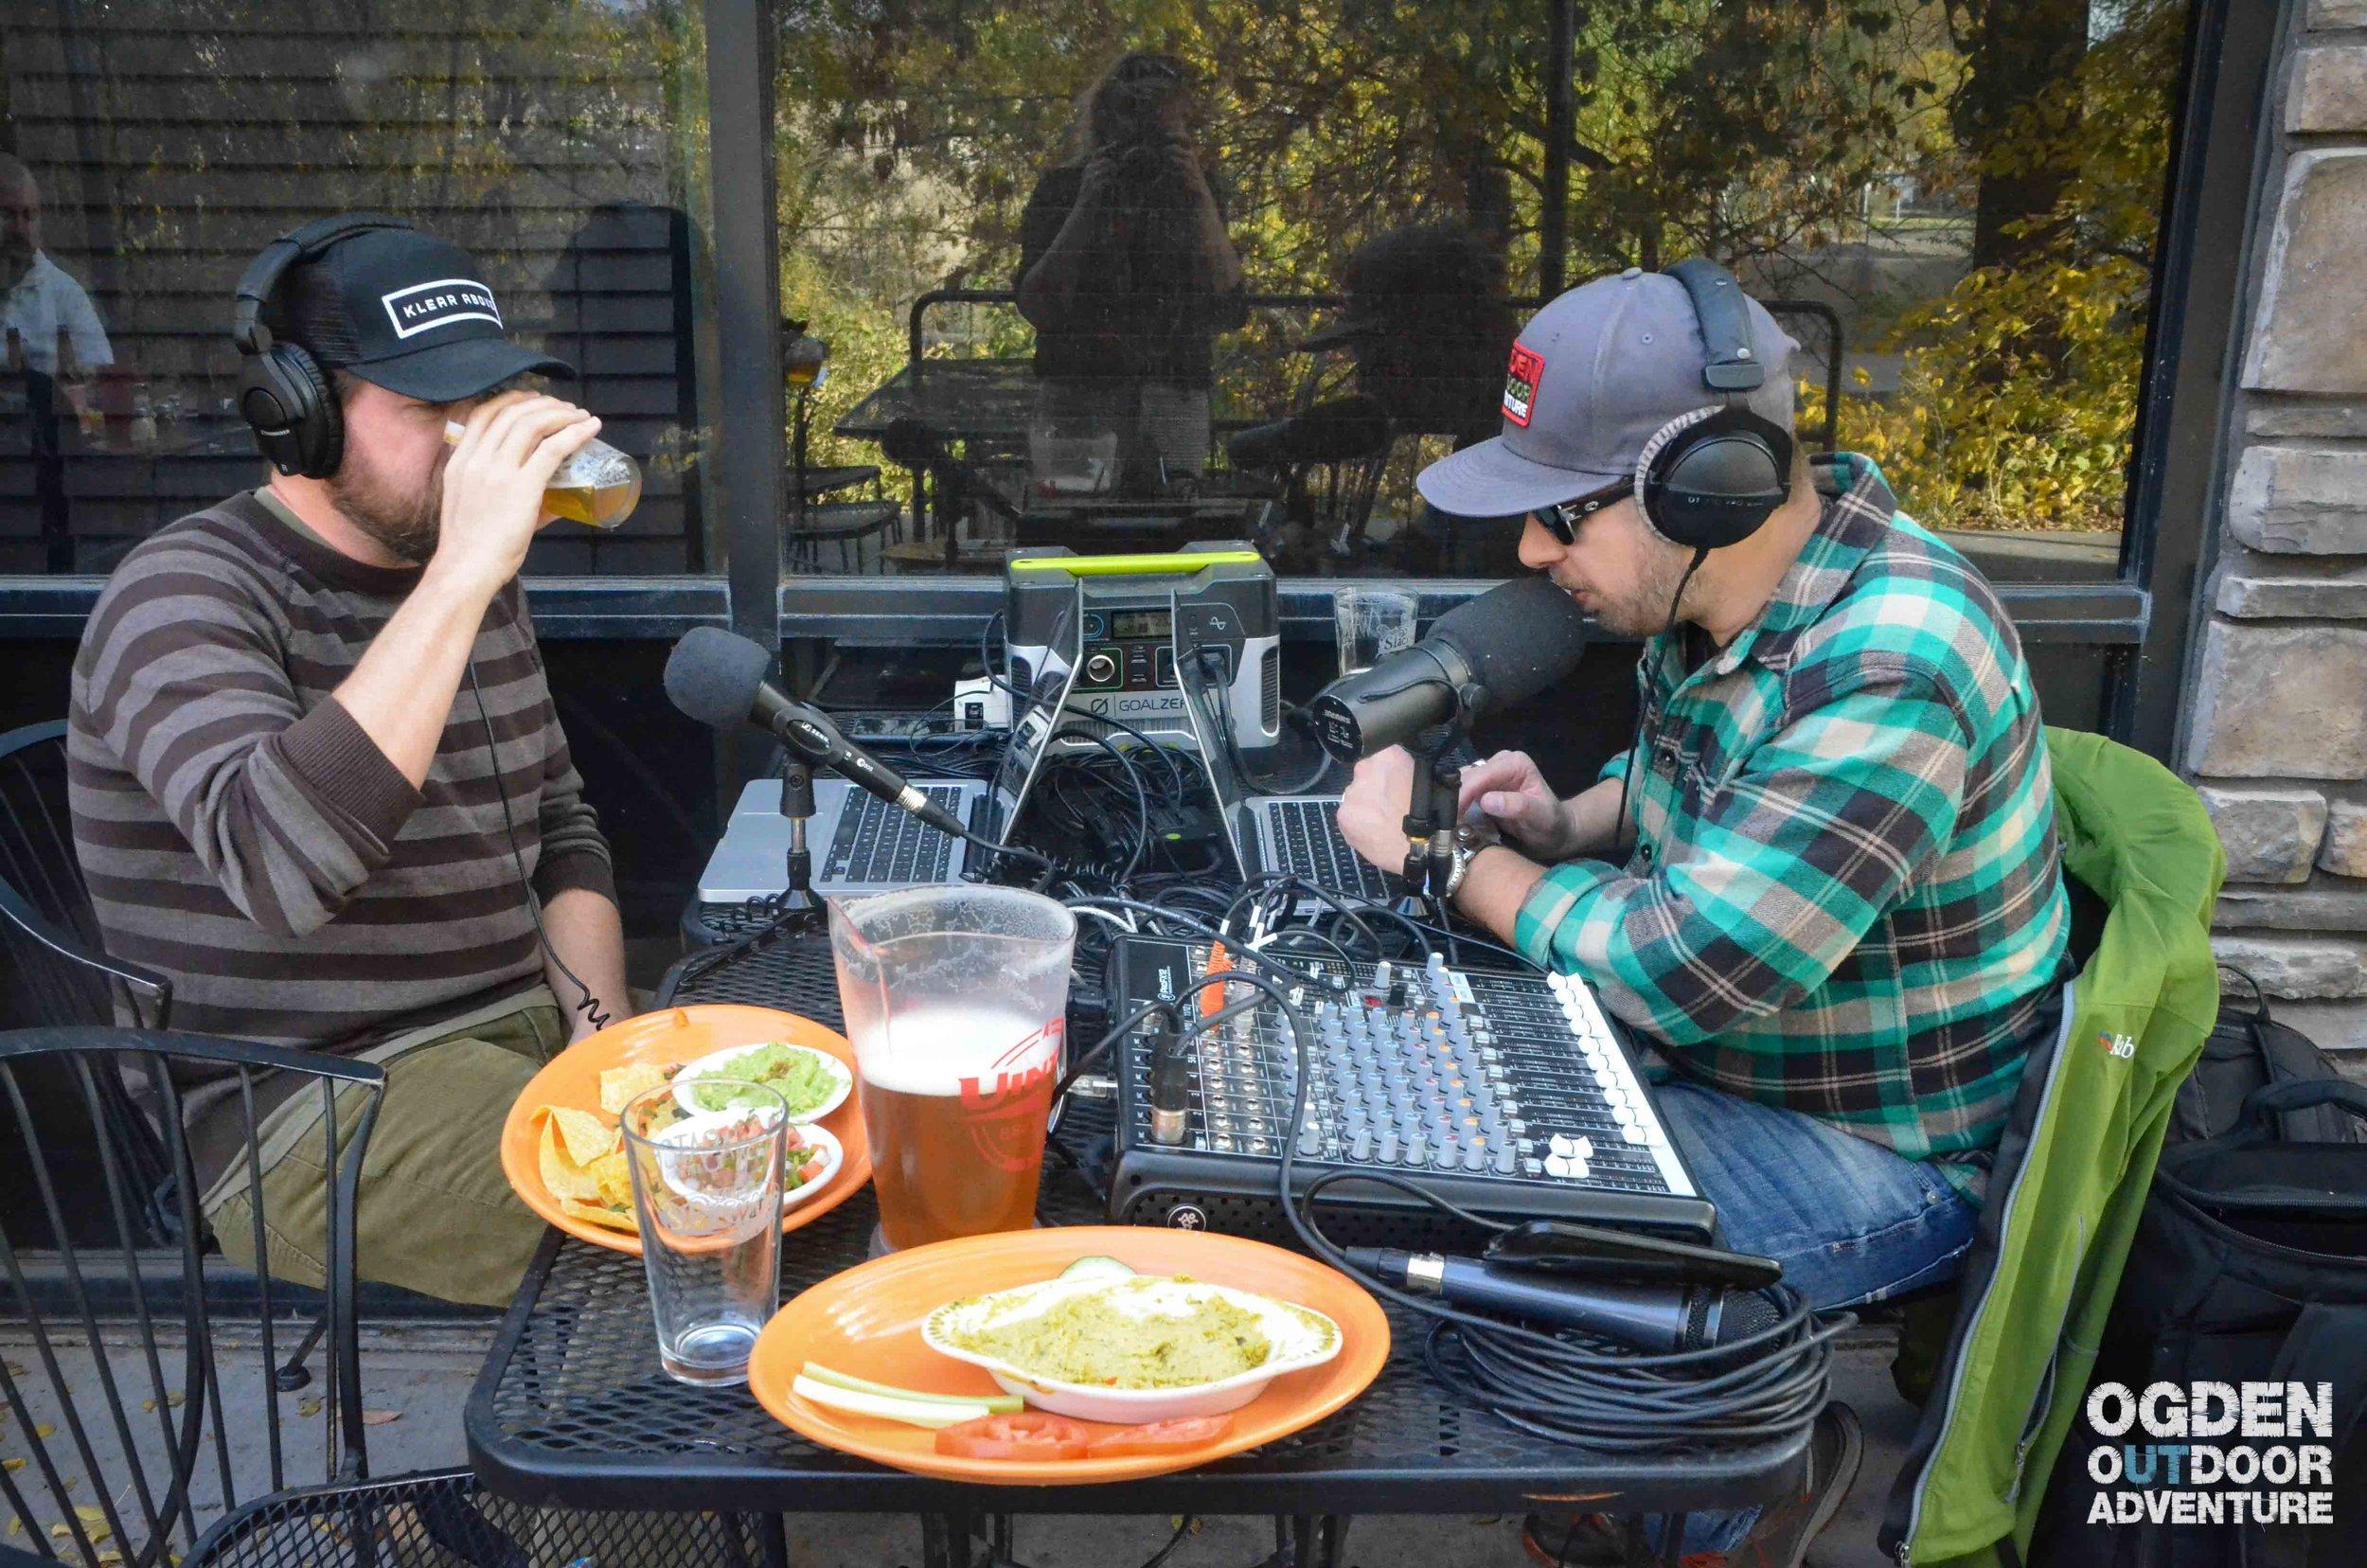 Ogden Outdoor Adventure Show 257-3.jpg